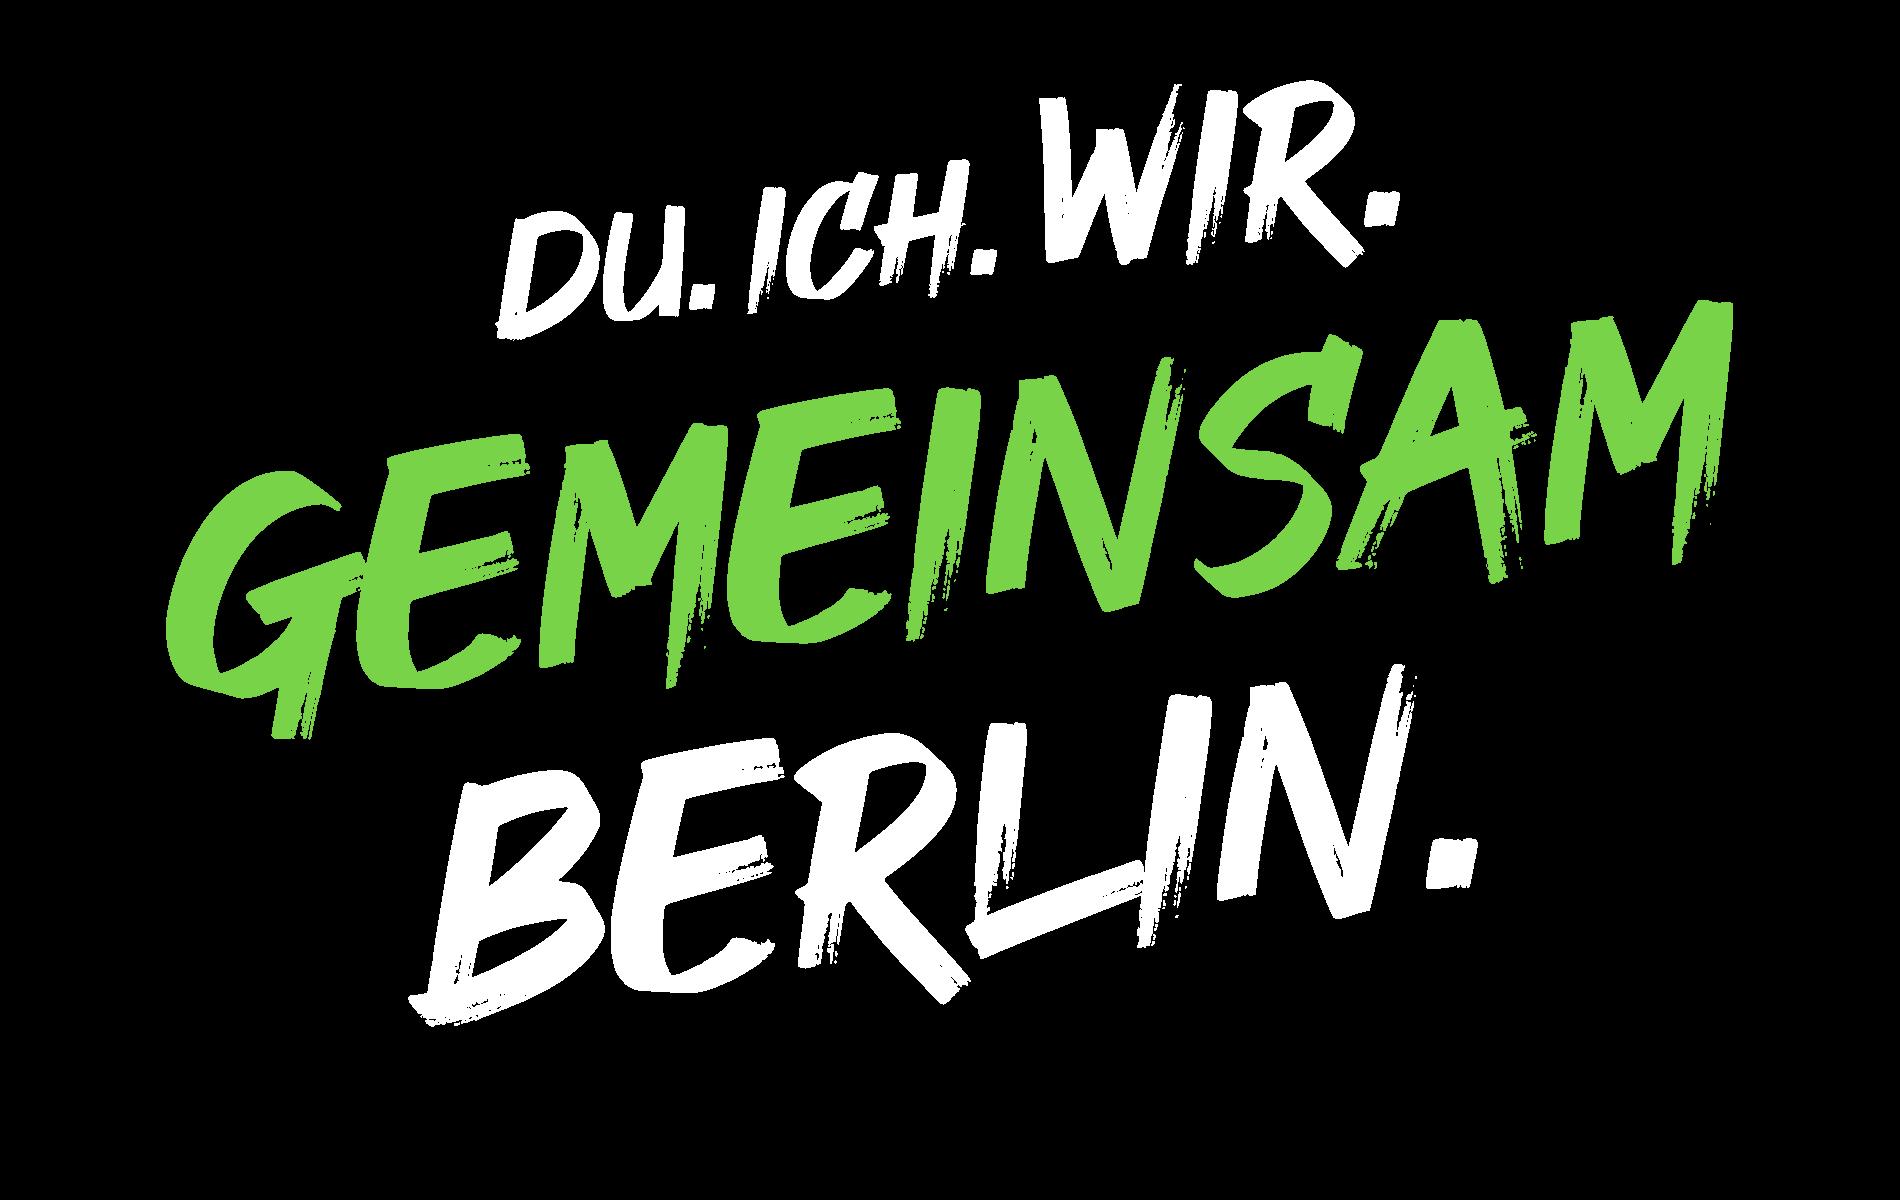 Du. Ich. Wir. Gemeinsam Berlin.